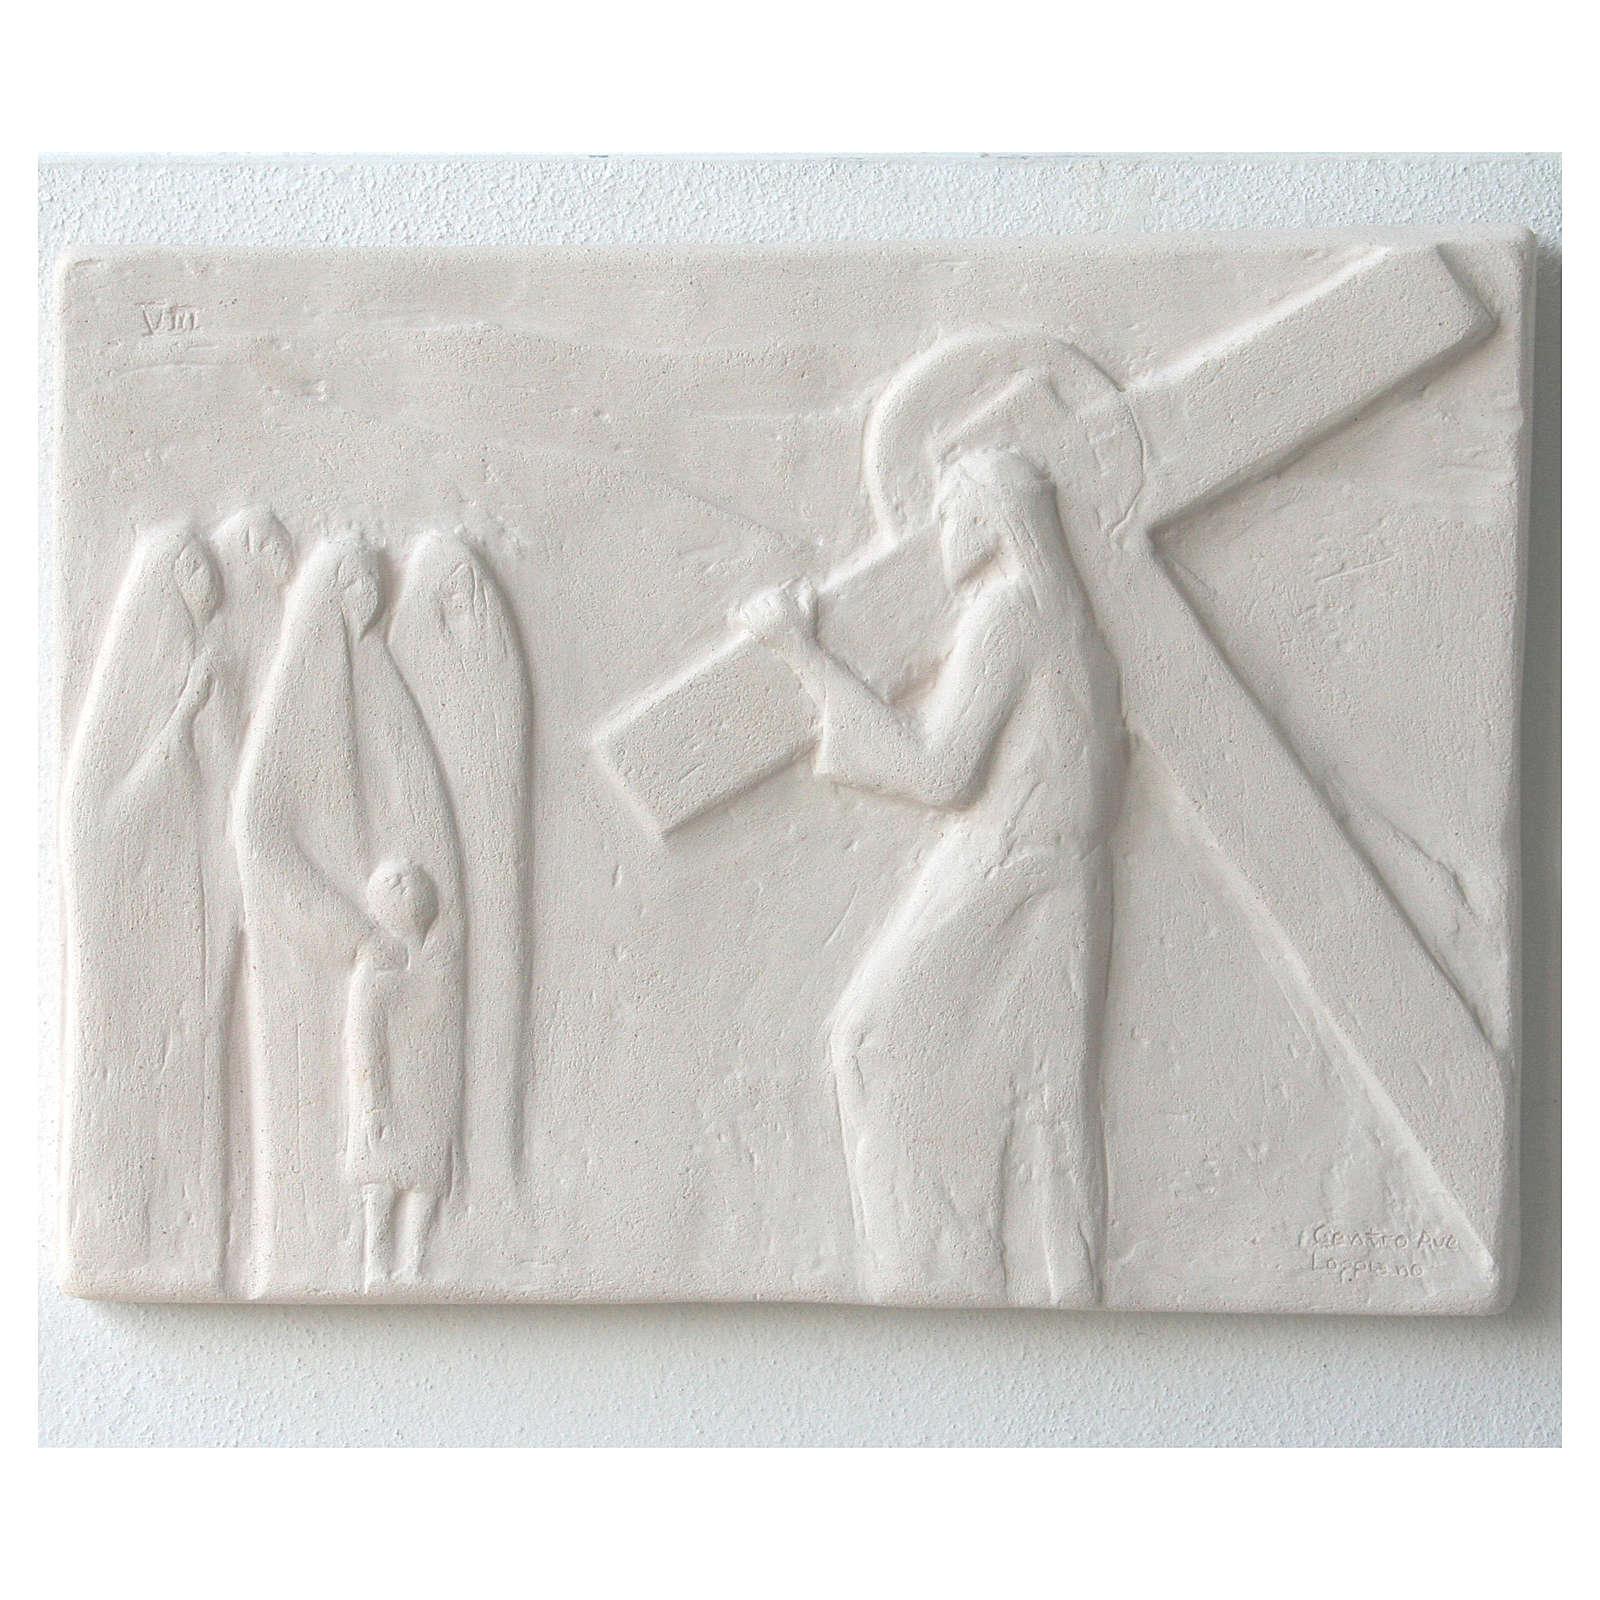 Vía Crucis cuadros regulares 34x25 cm arcilla Centro Ave 15 estaciones 4